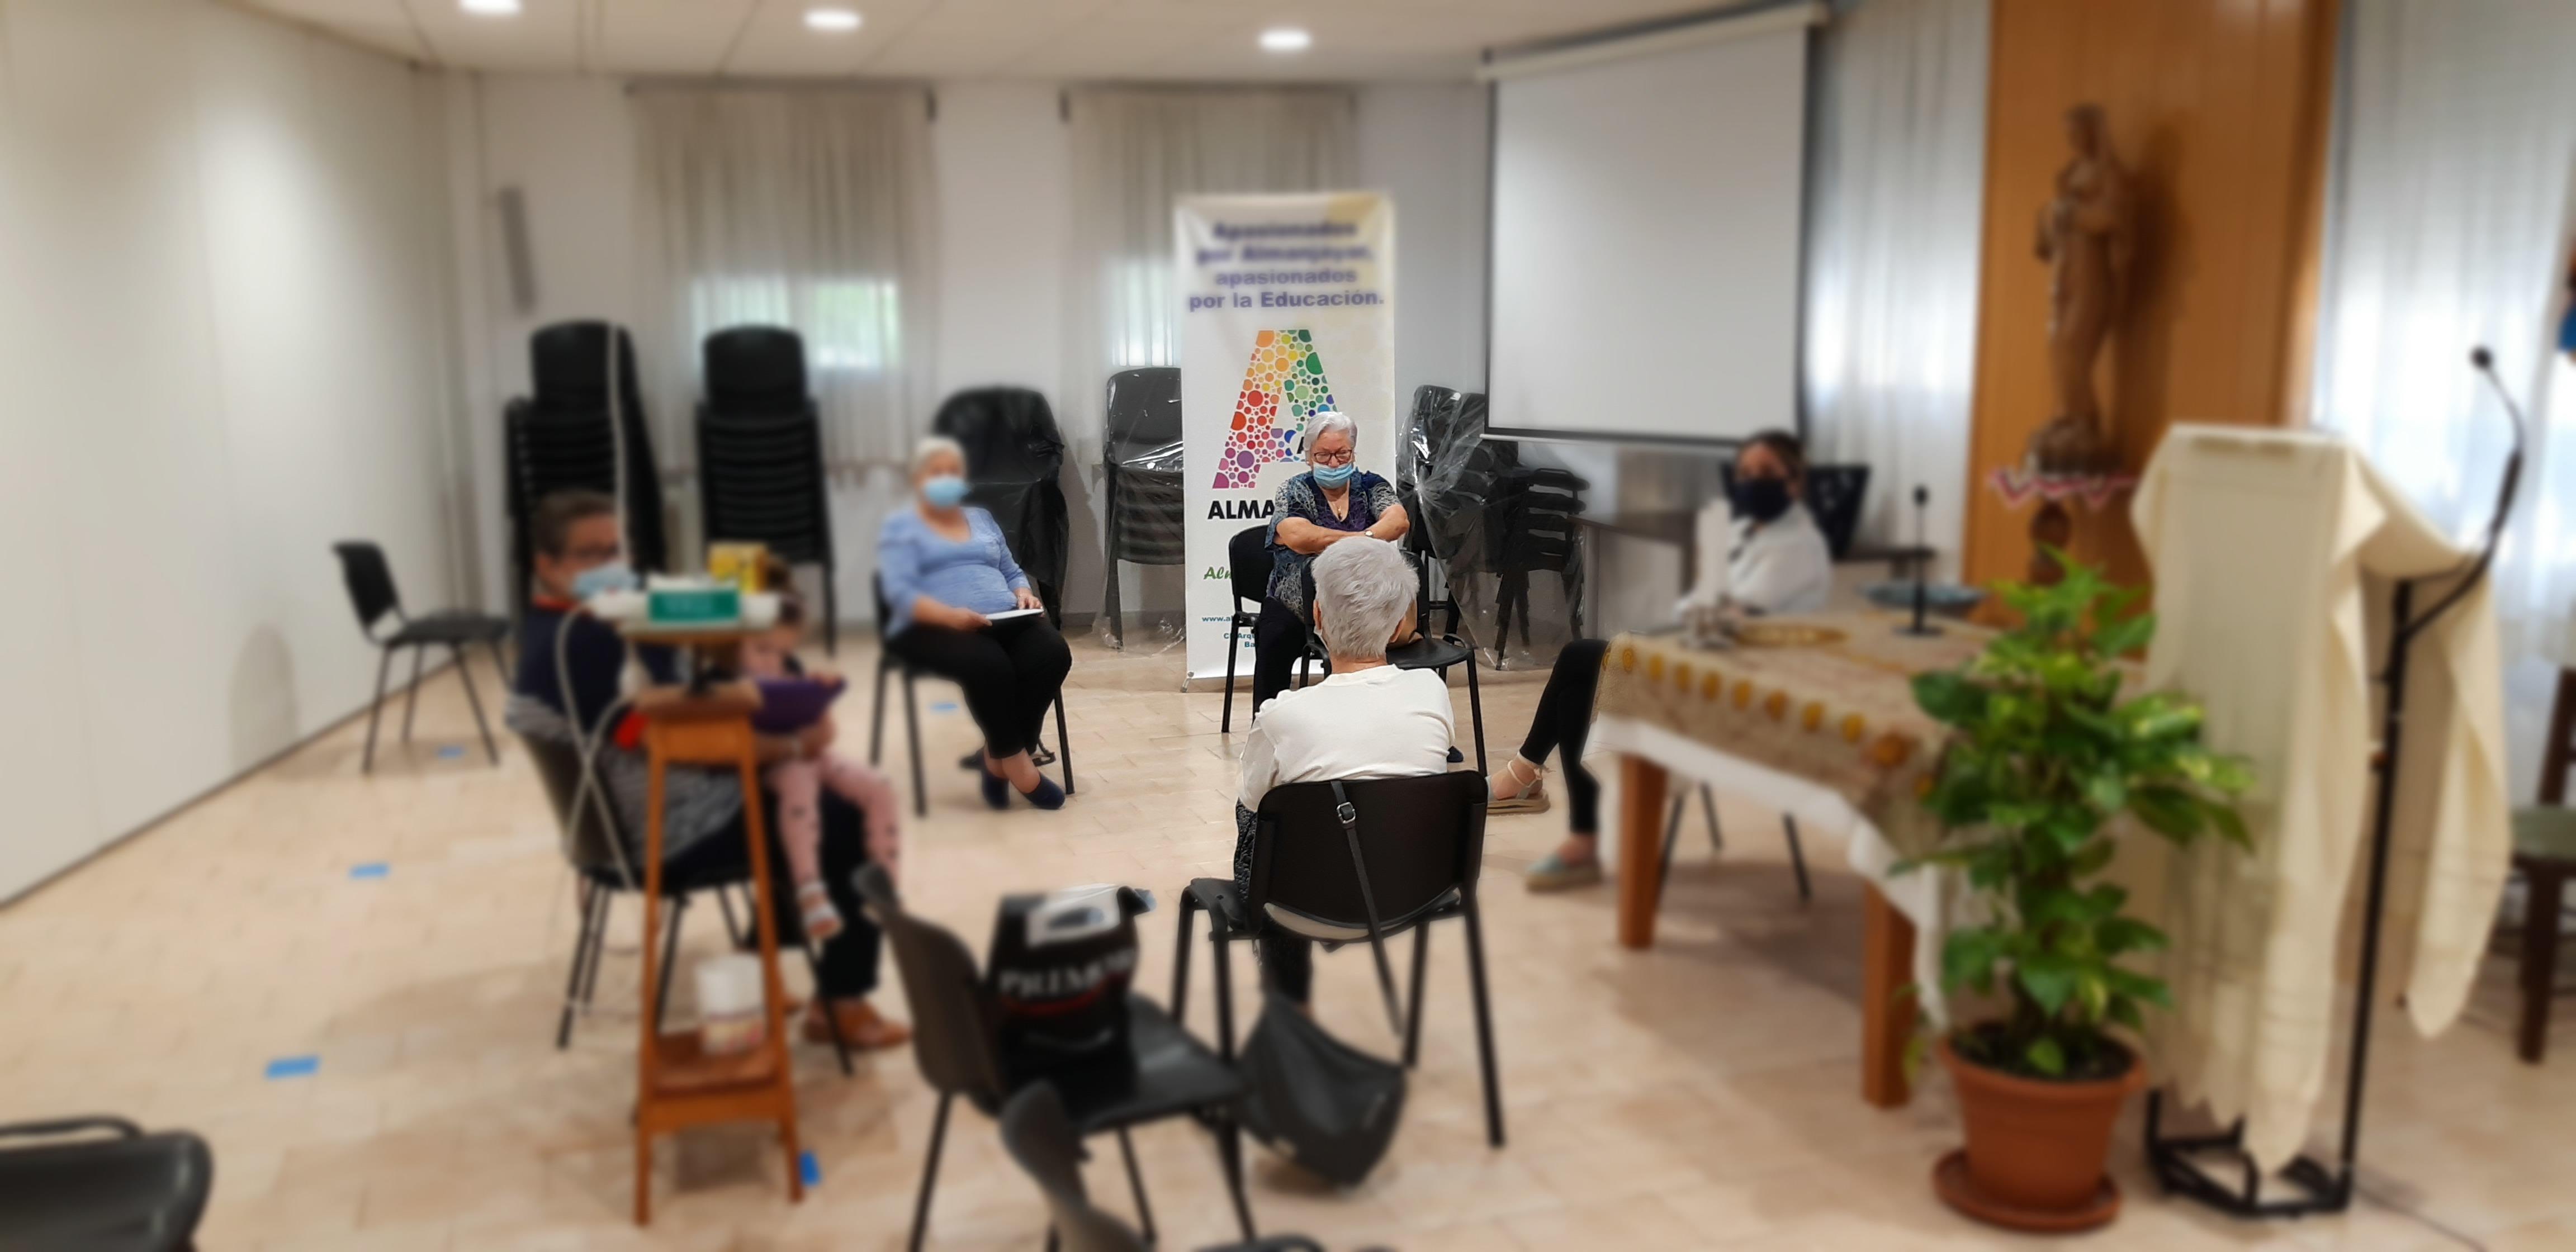 La Asociación Almanjáyar en Familia ampliará sus instalaciones y servicios en el distrito Norte de Granada